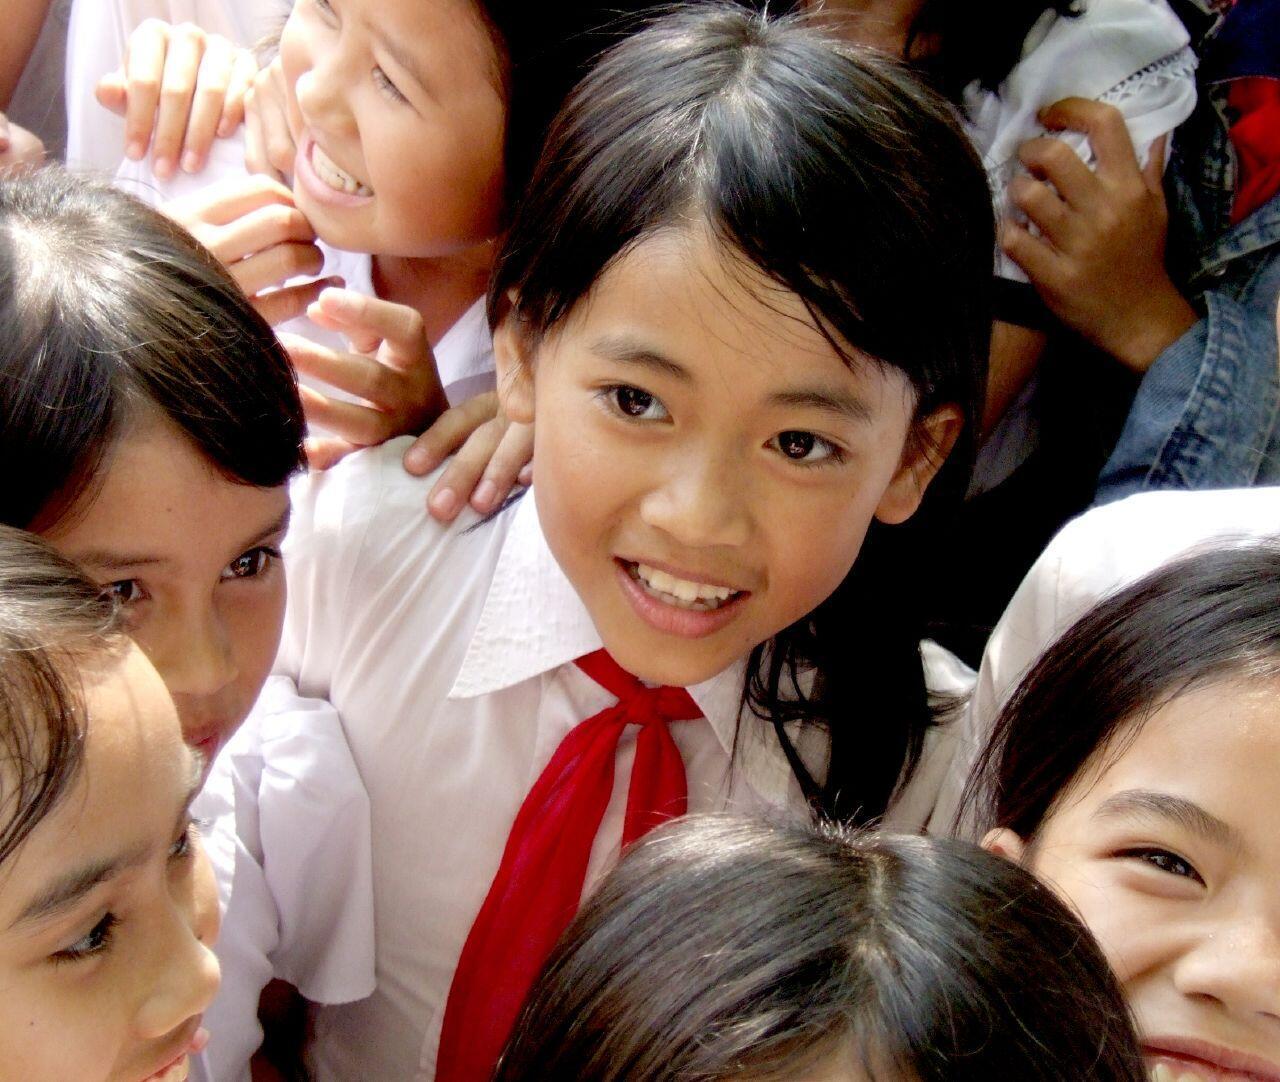 Trẻ em cần được luật pháp bảo vệ trước nanh vuốt của yêu râu xanh - Ảnh minh họa.